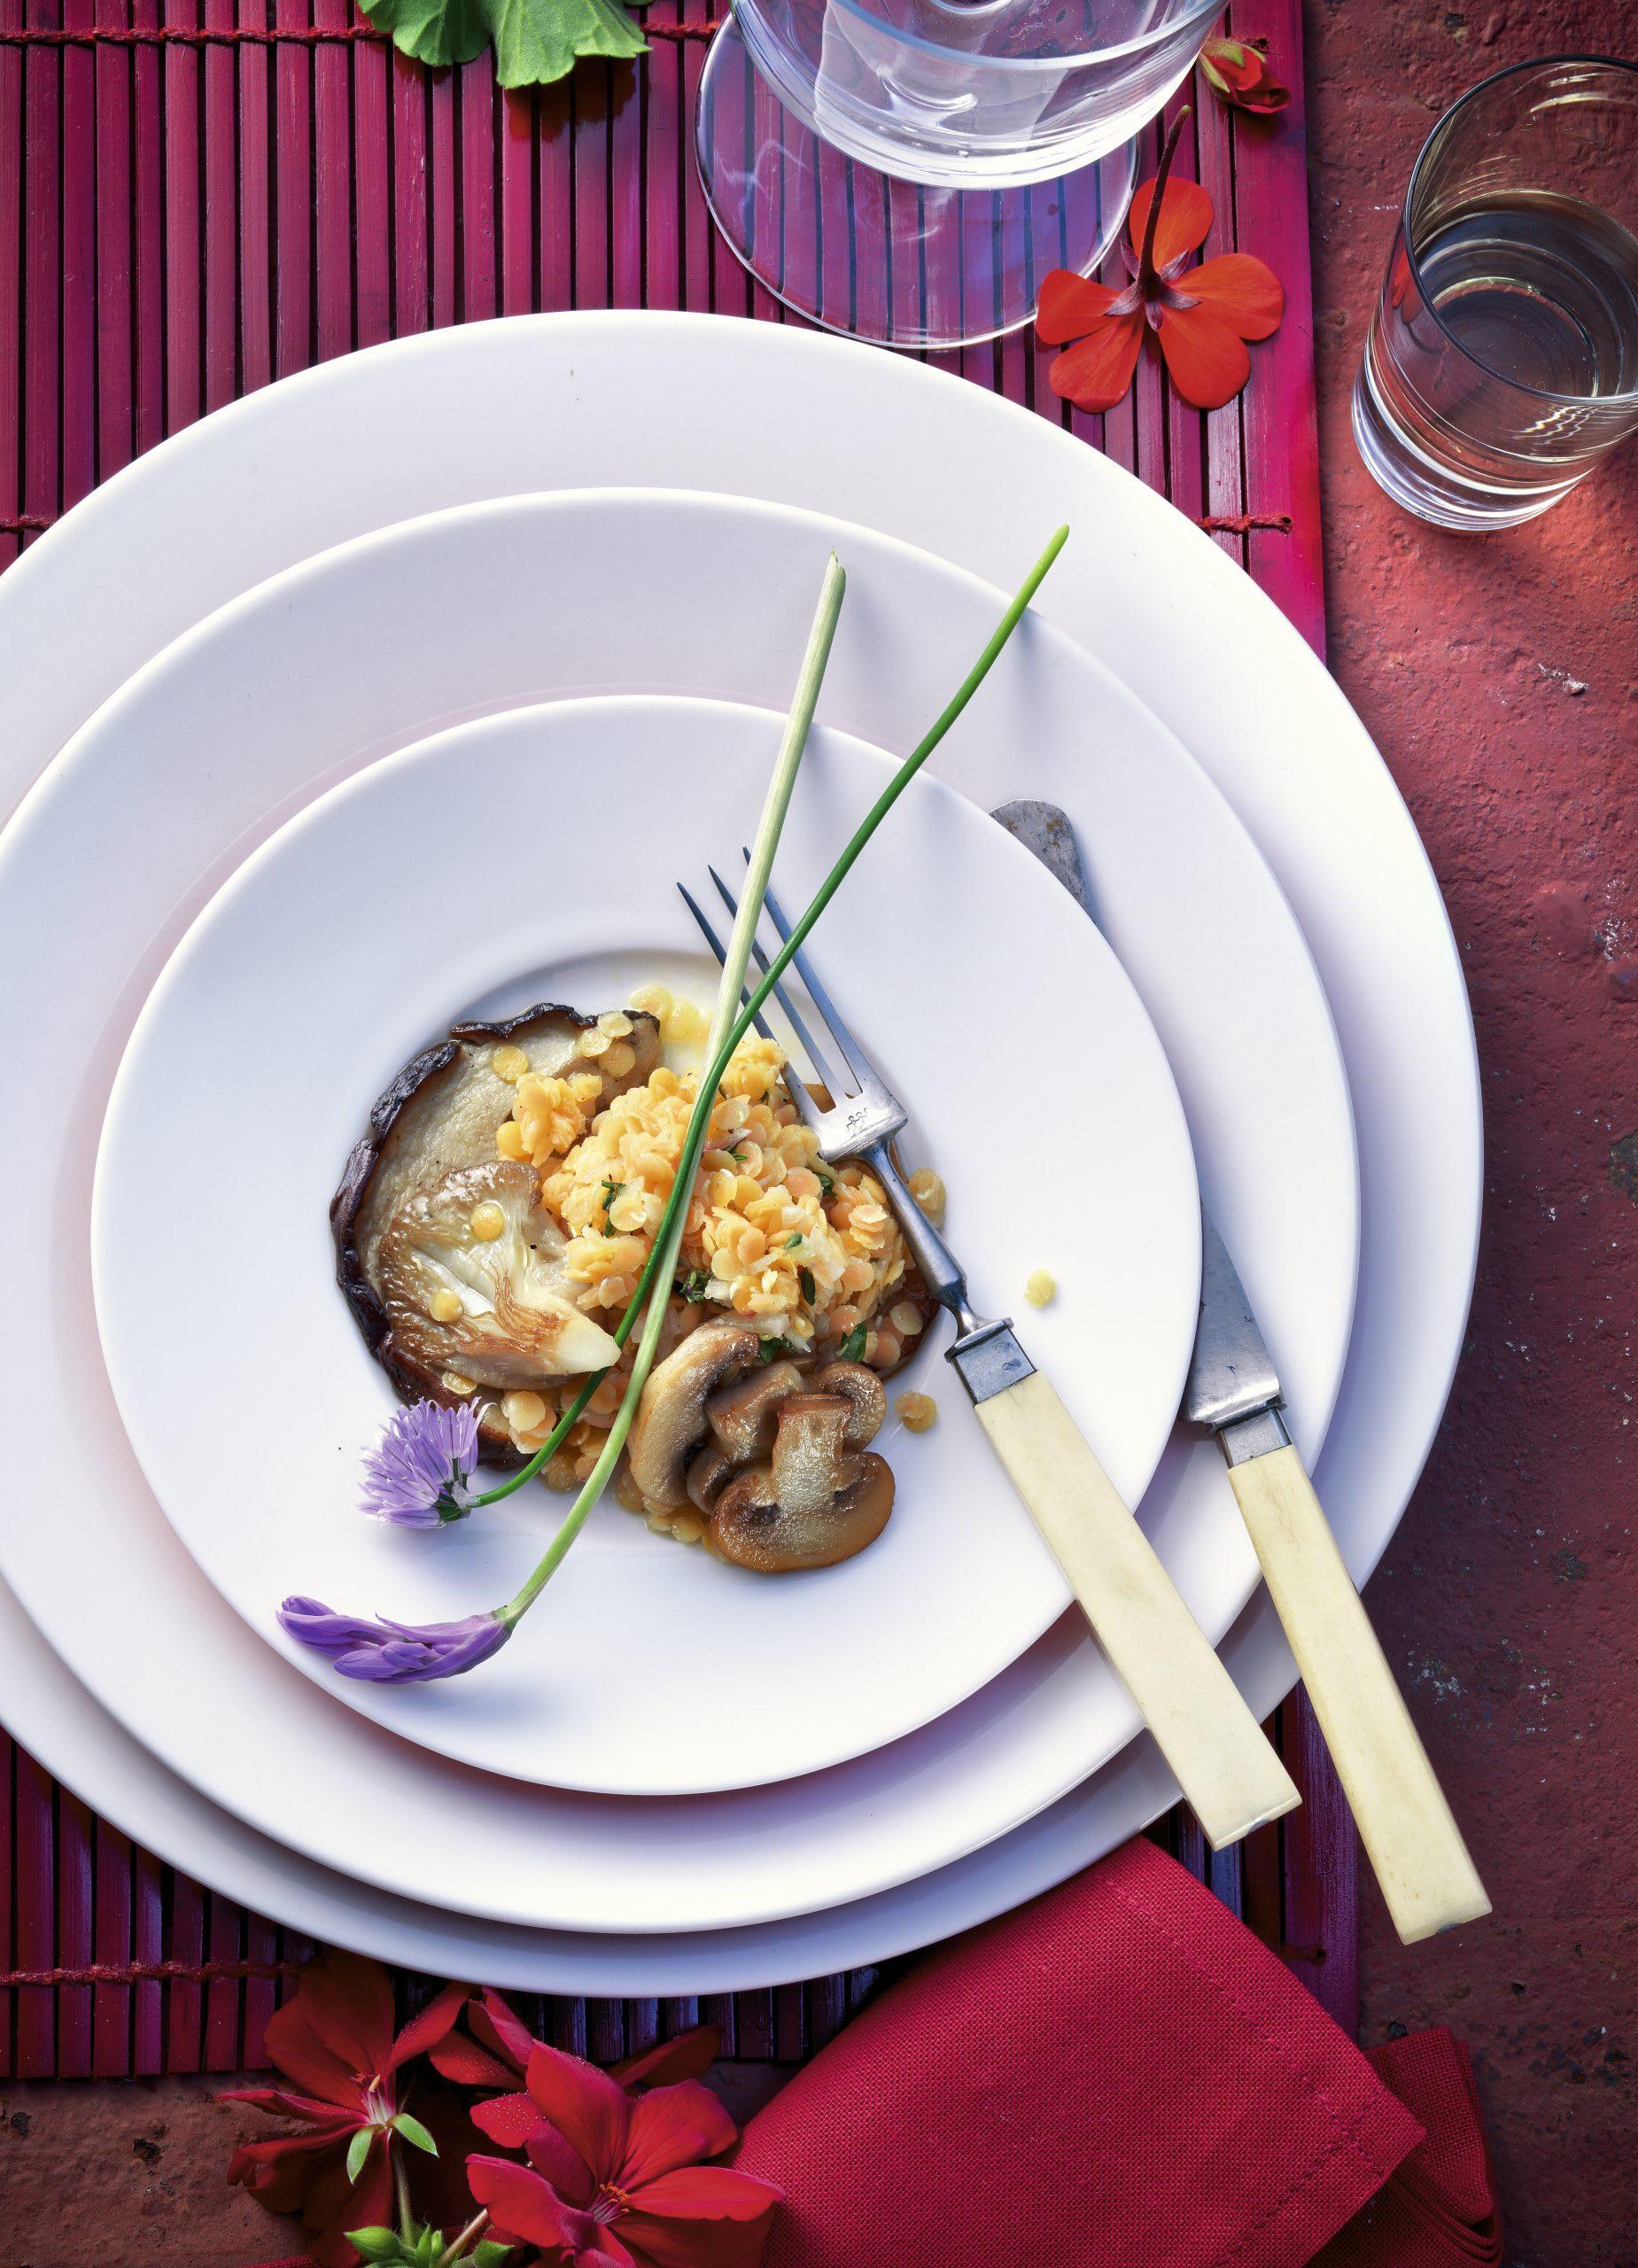 Salade de lentilles aux champignons